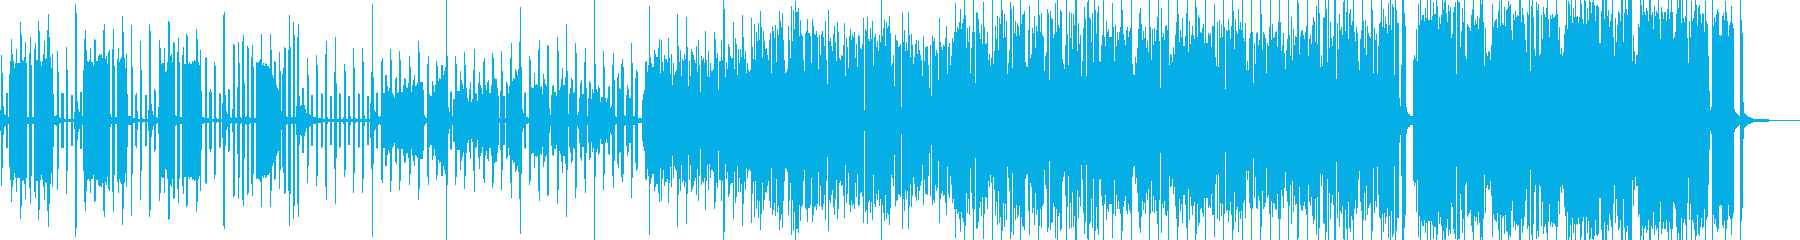 あ~、恥ずかしっ!コミカルポップ Aの再生済みの波形